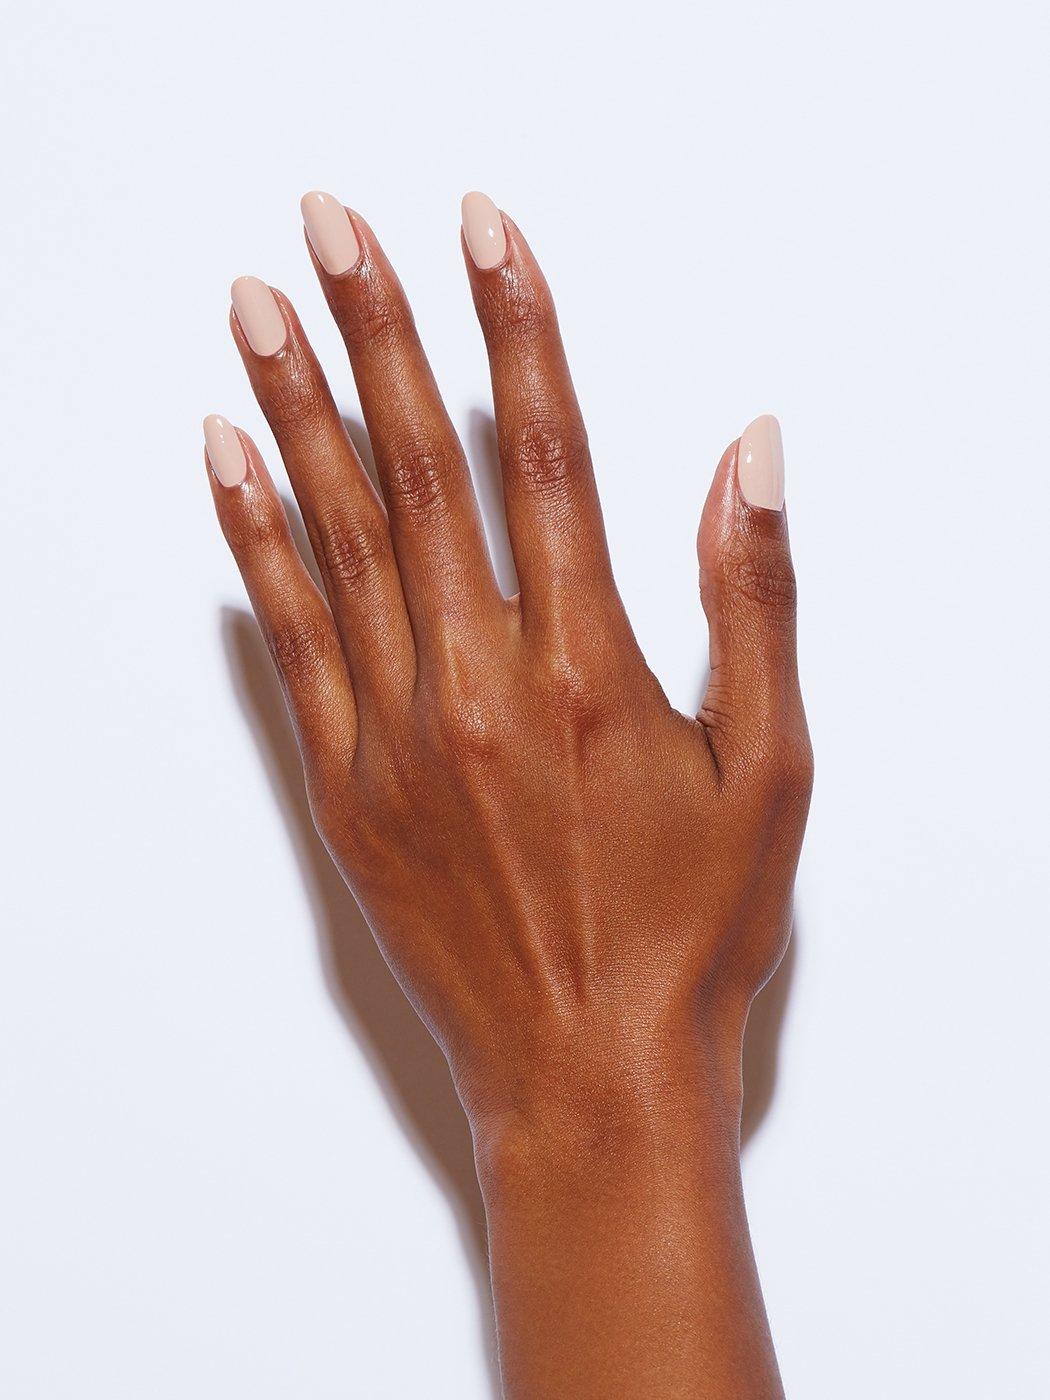 Antonia O'Donoghue Hands39